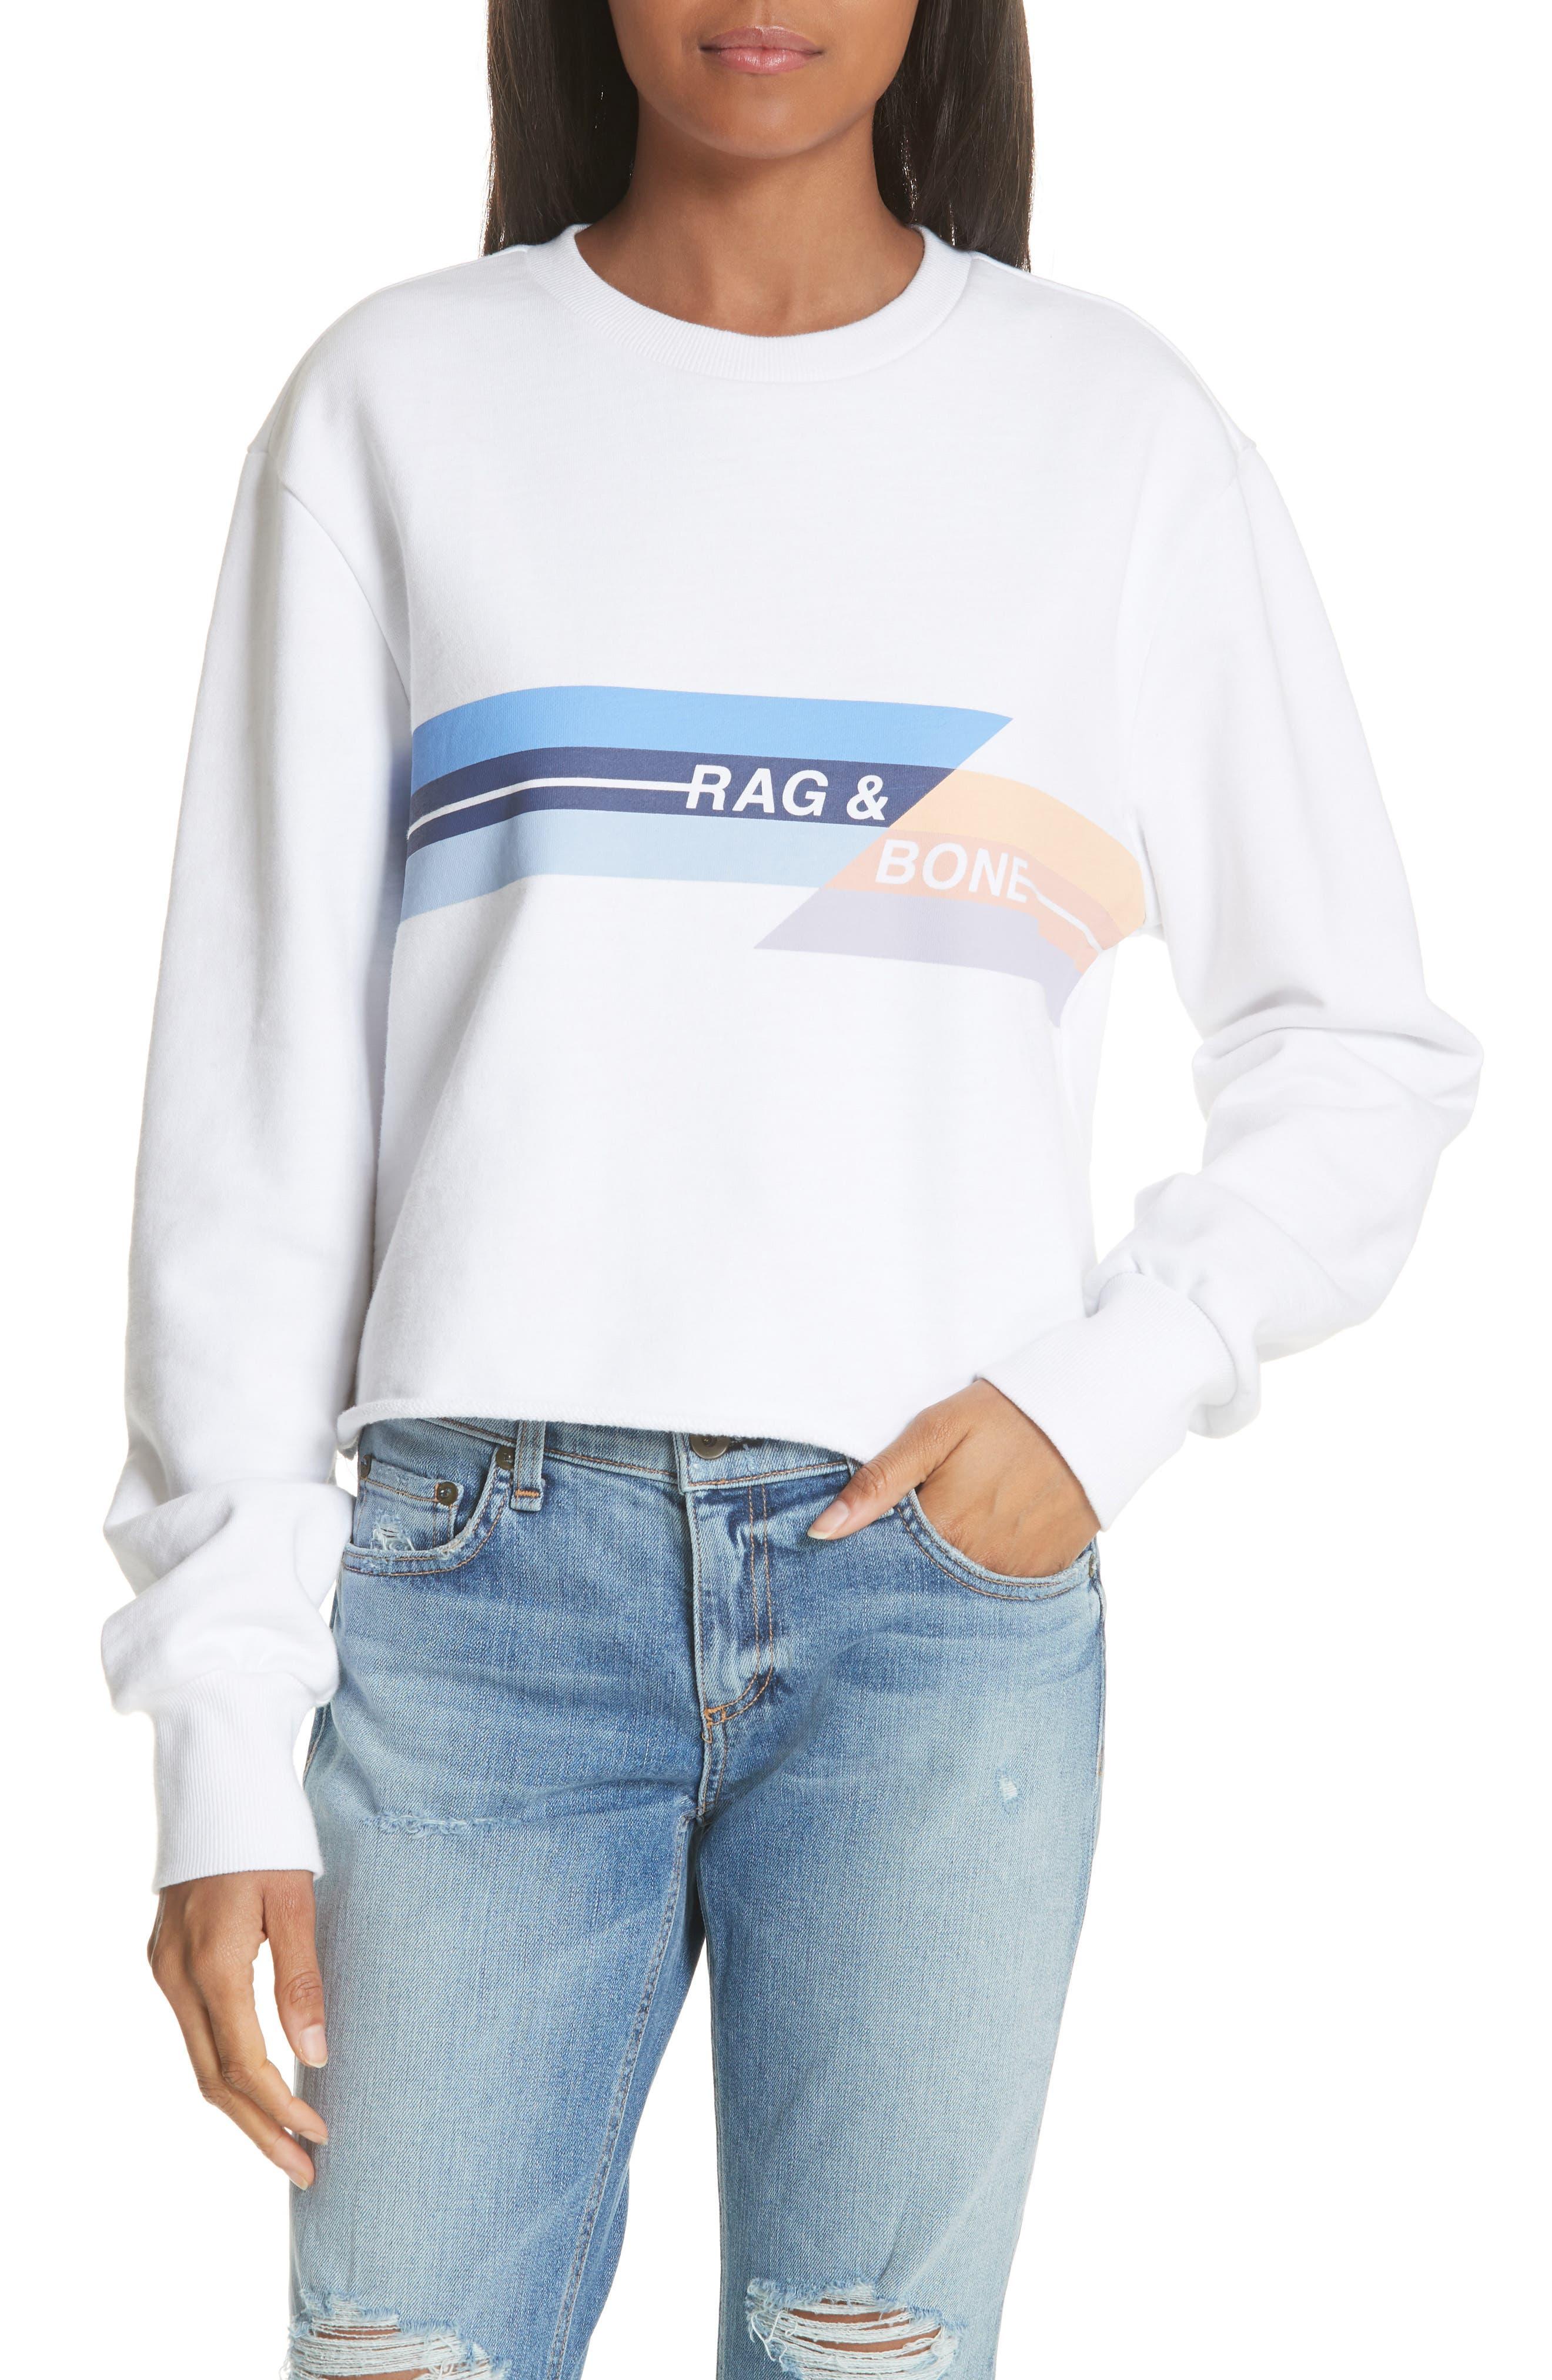 JEAN Glitch Crop Sweatshirt, Main, color, 100